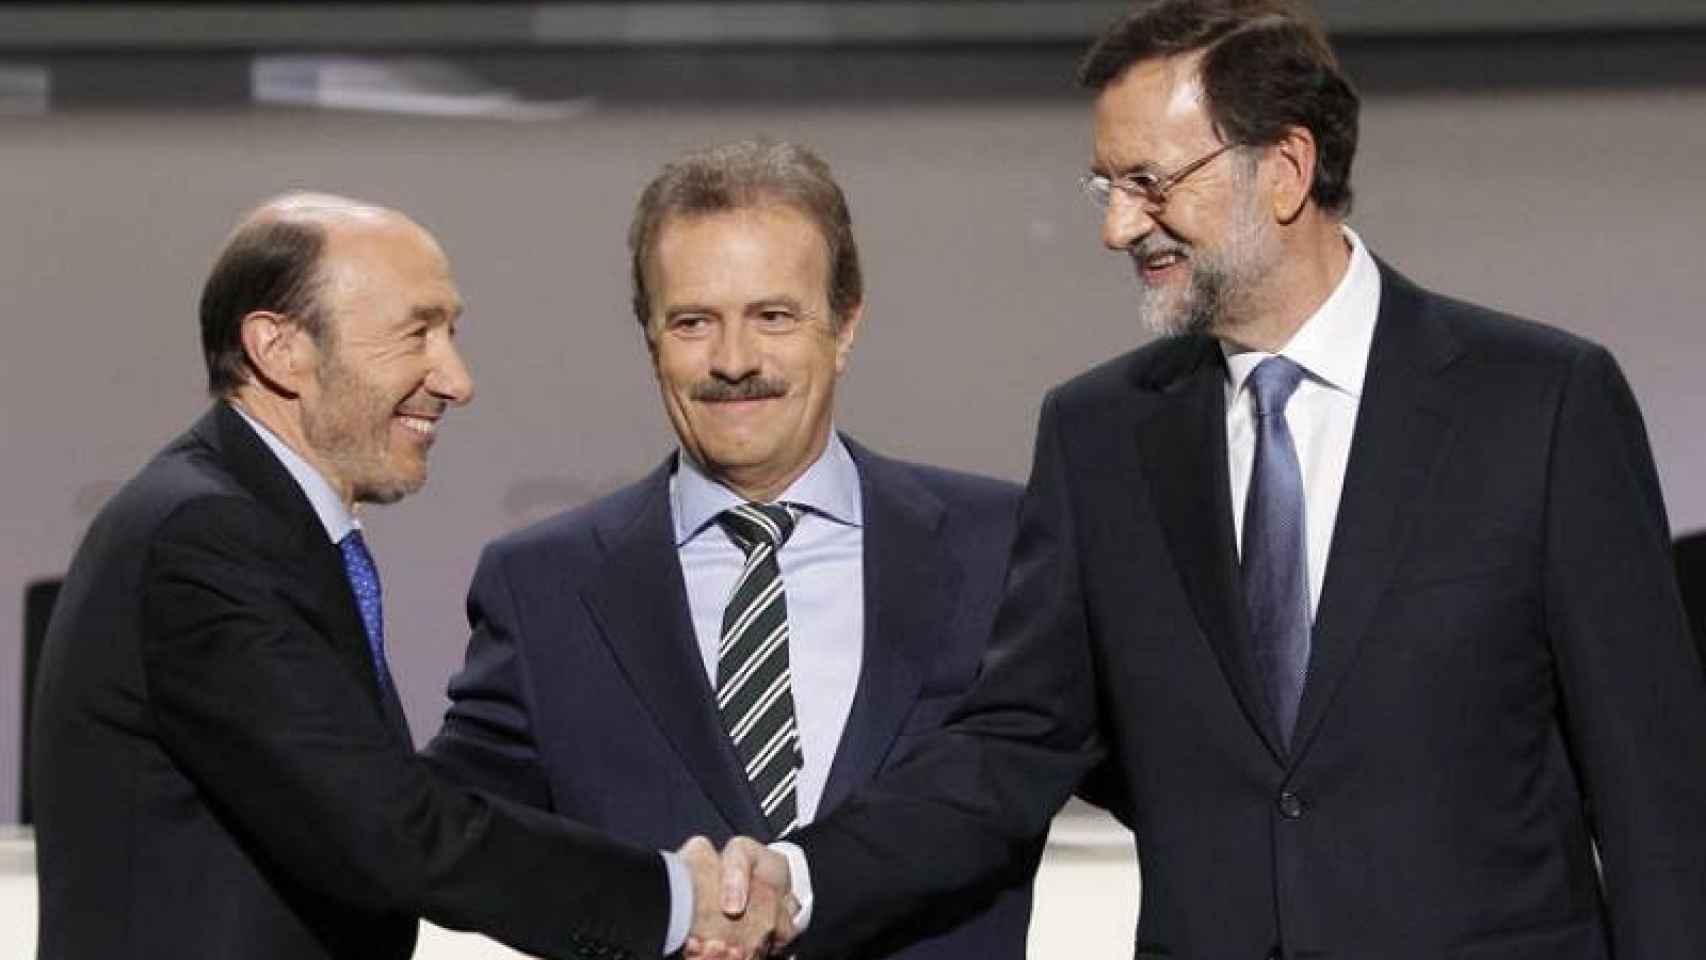 El último debate, con Rubalcaba y Rajoy y el moderador Campo Vidal.